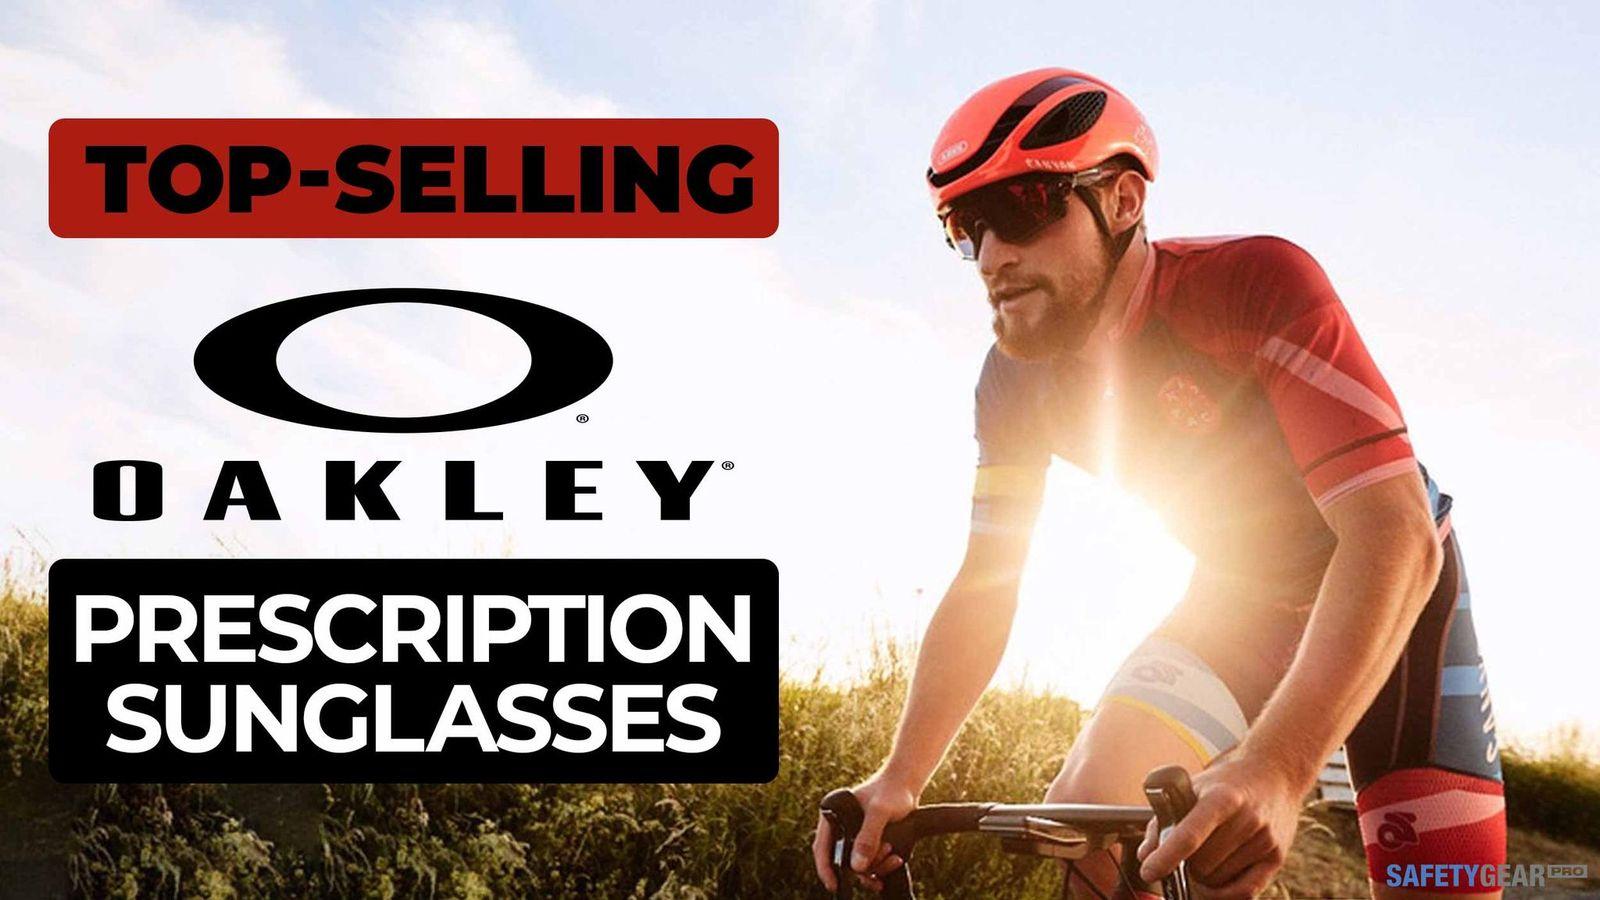 Oakley Prescription Sunglasses Header